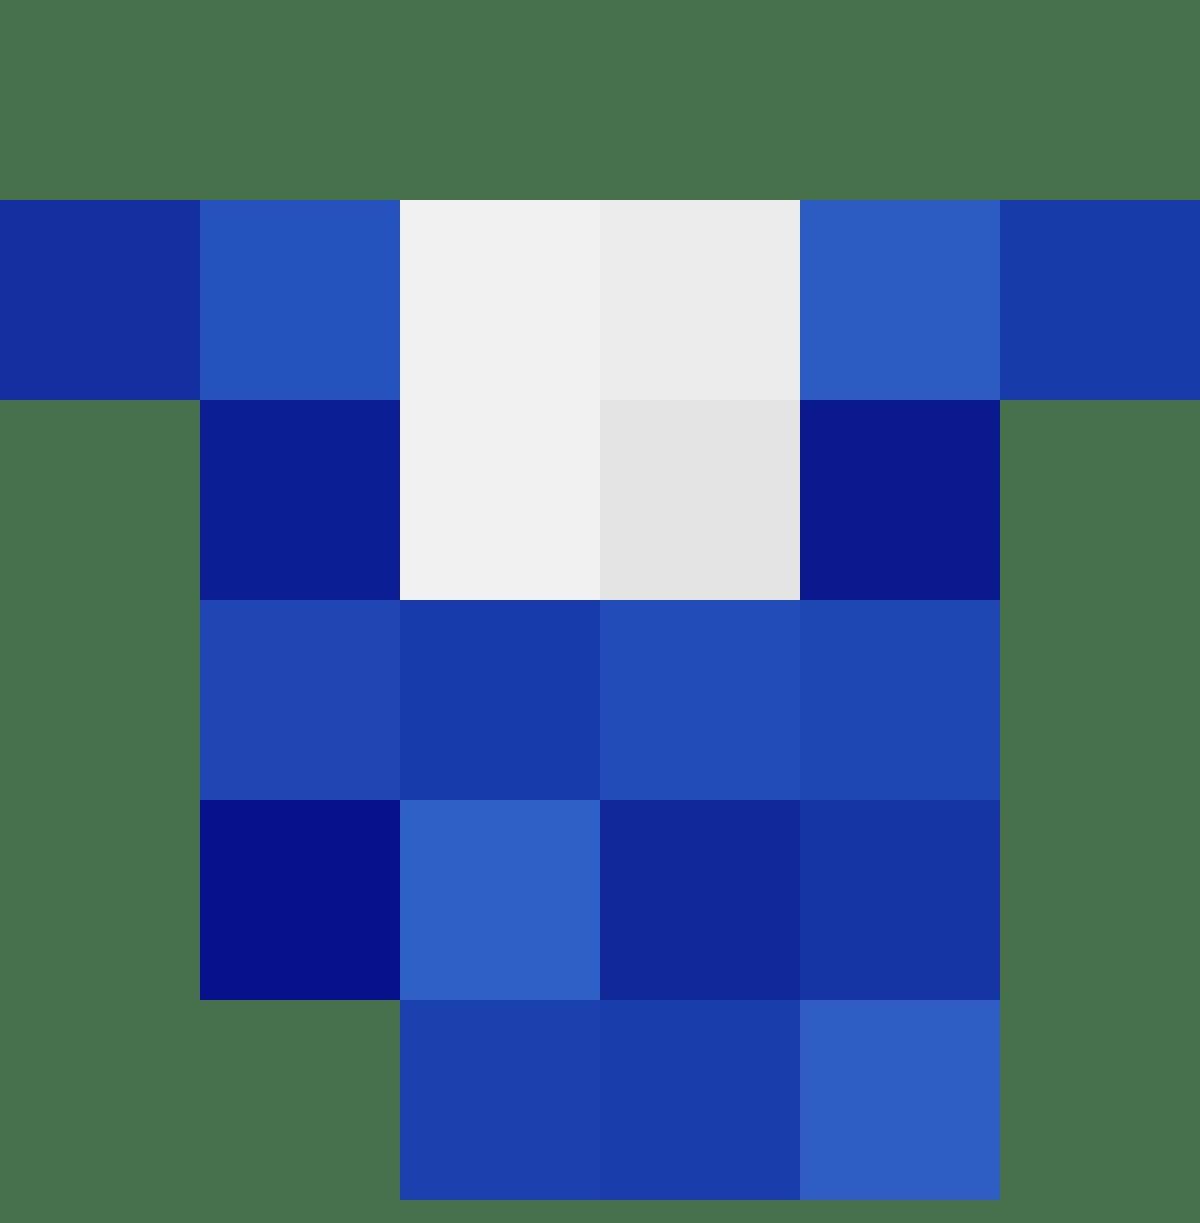 Blue tshirt 2